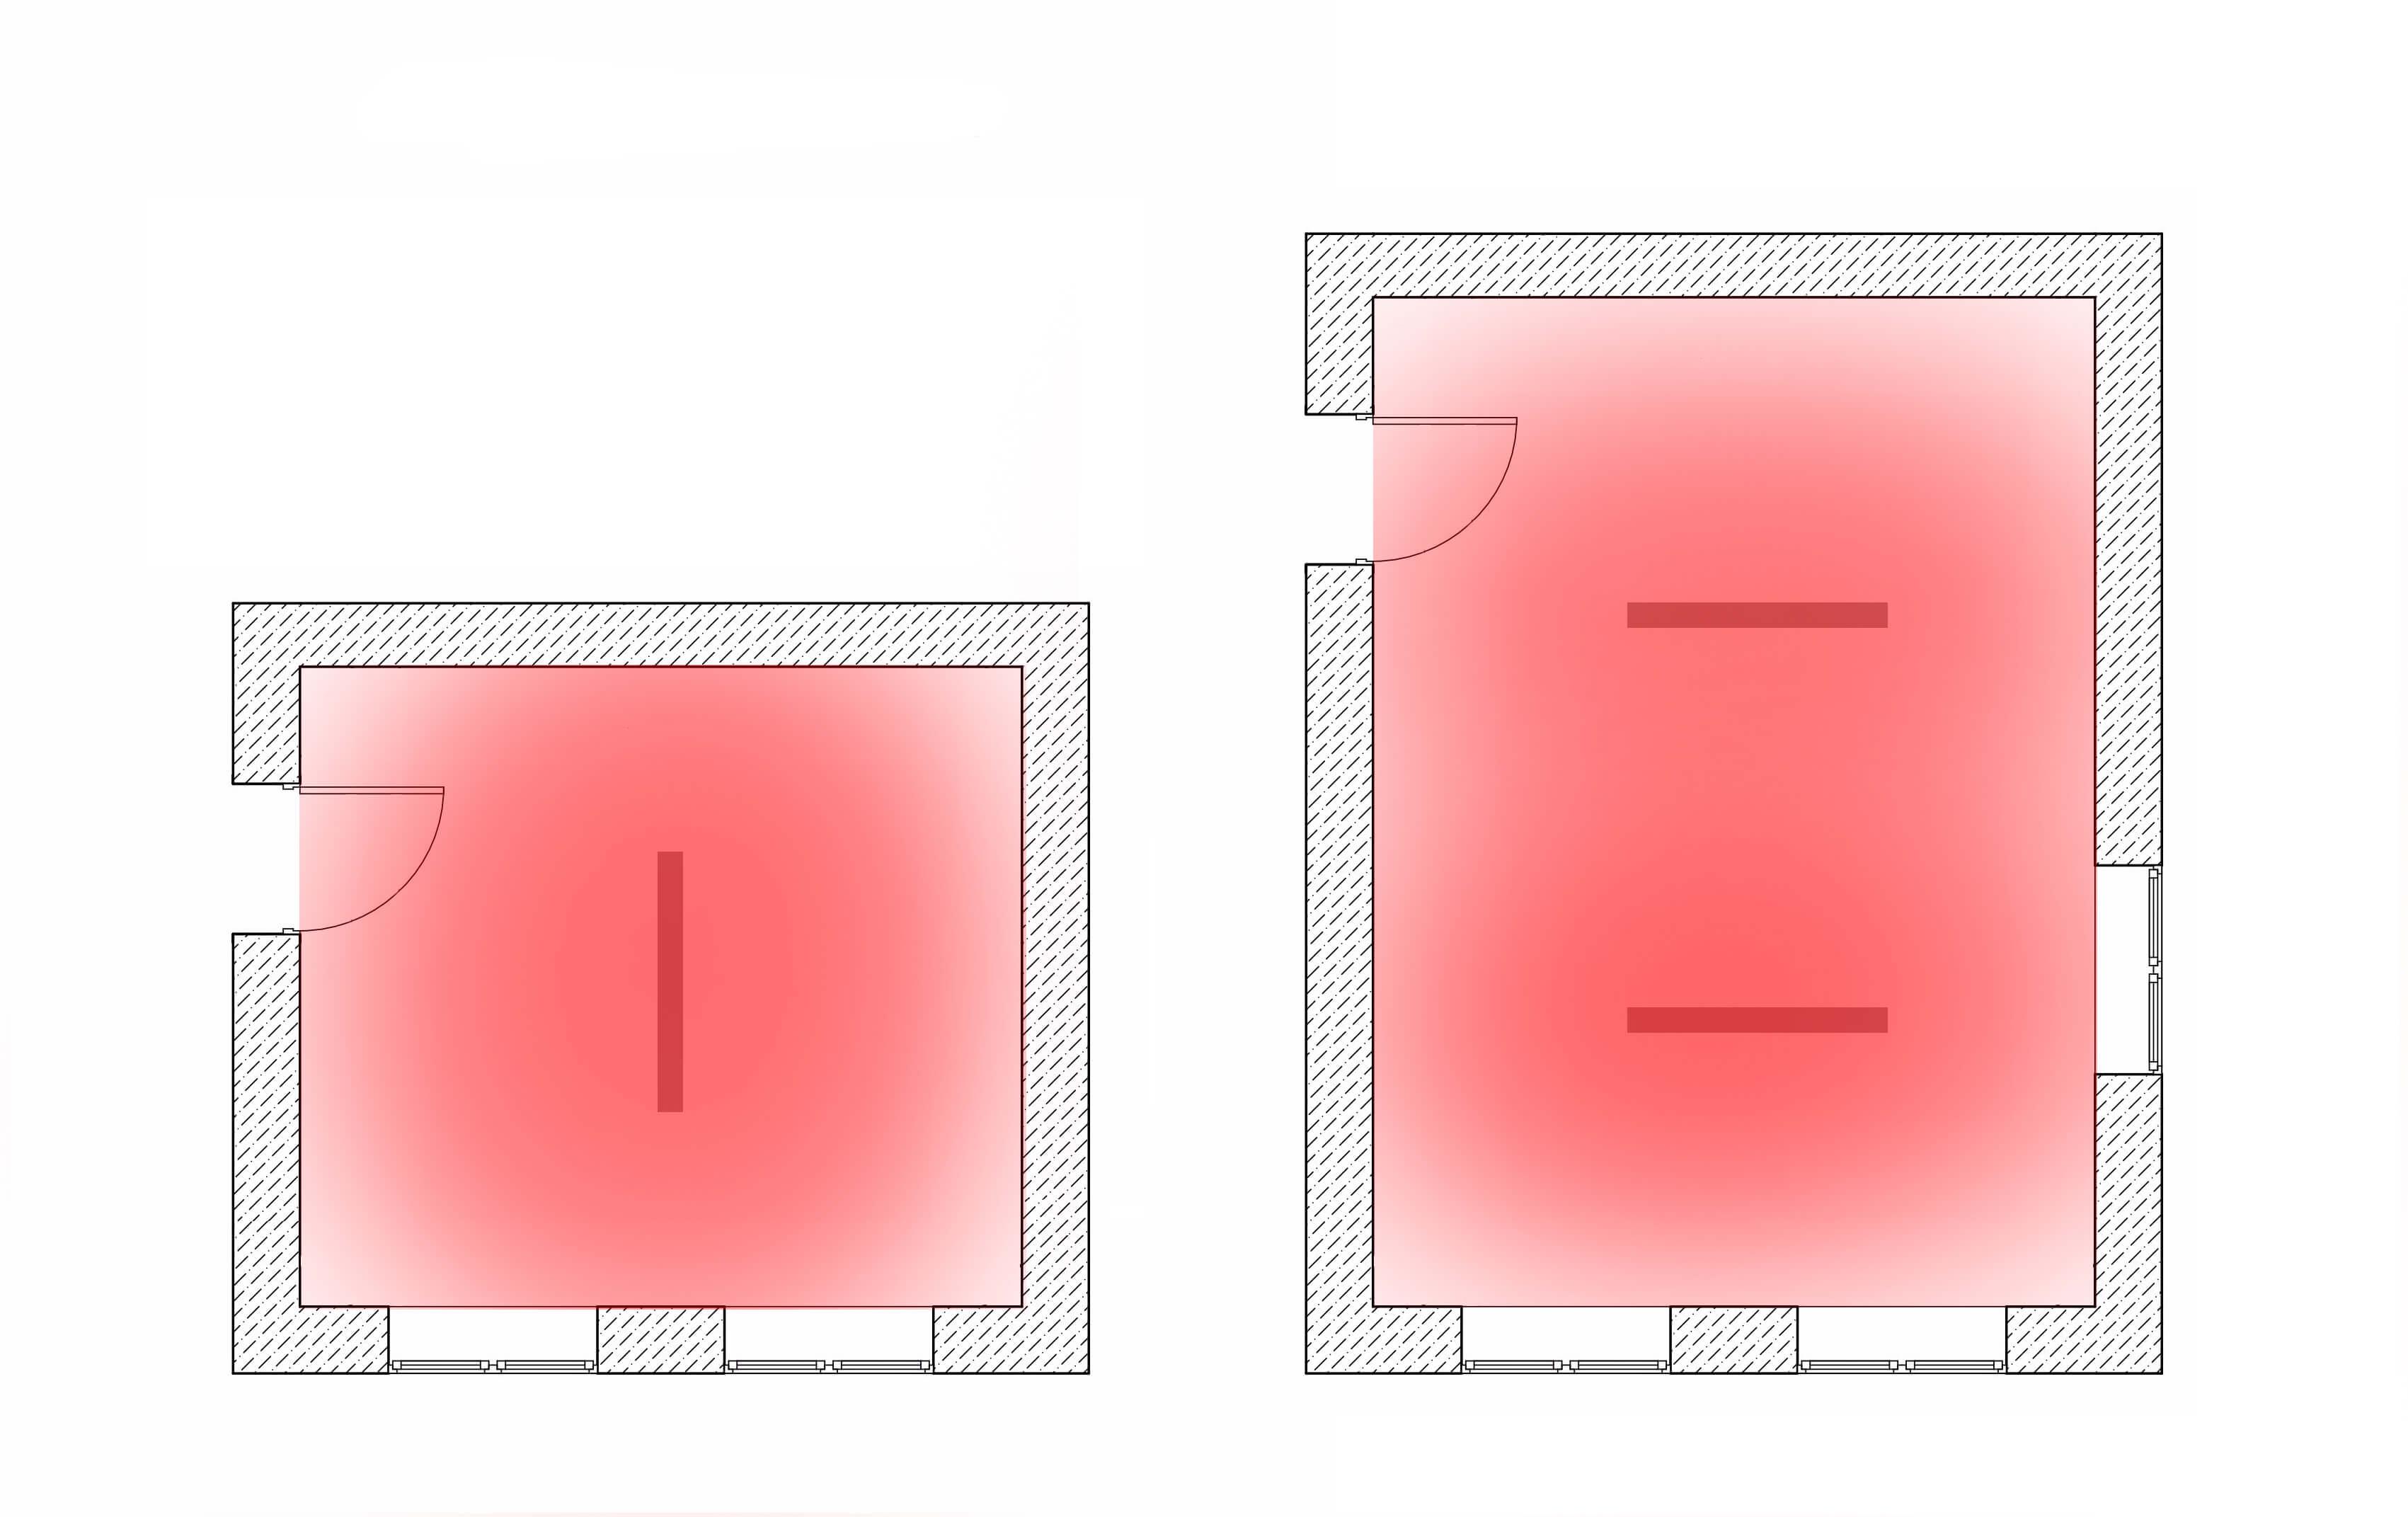 Примеры расположения потолочных нагревателей